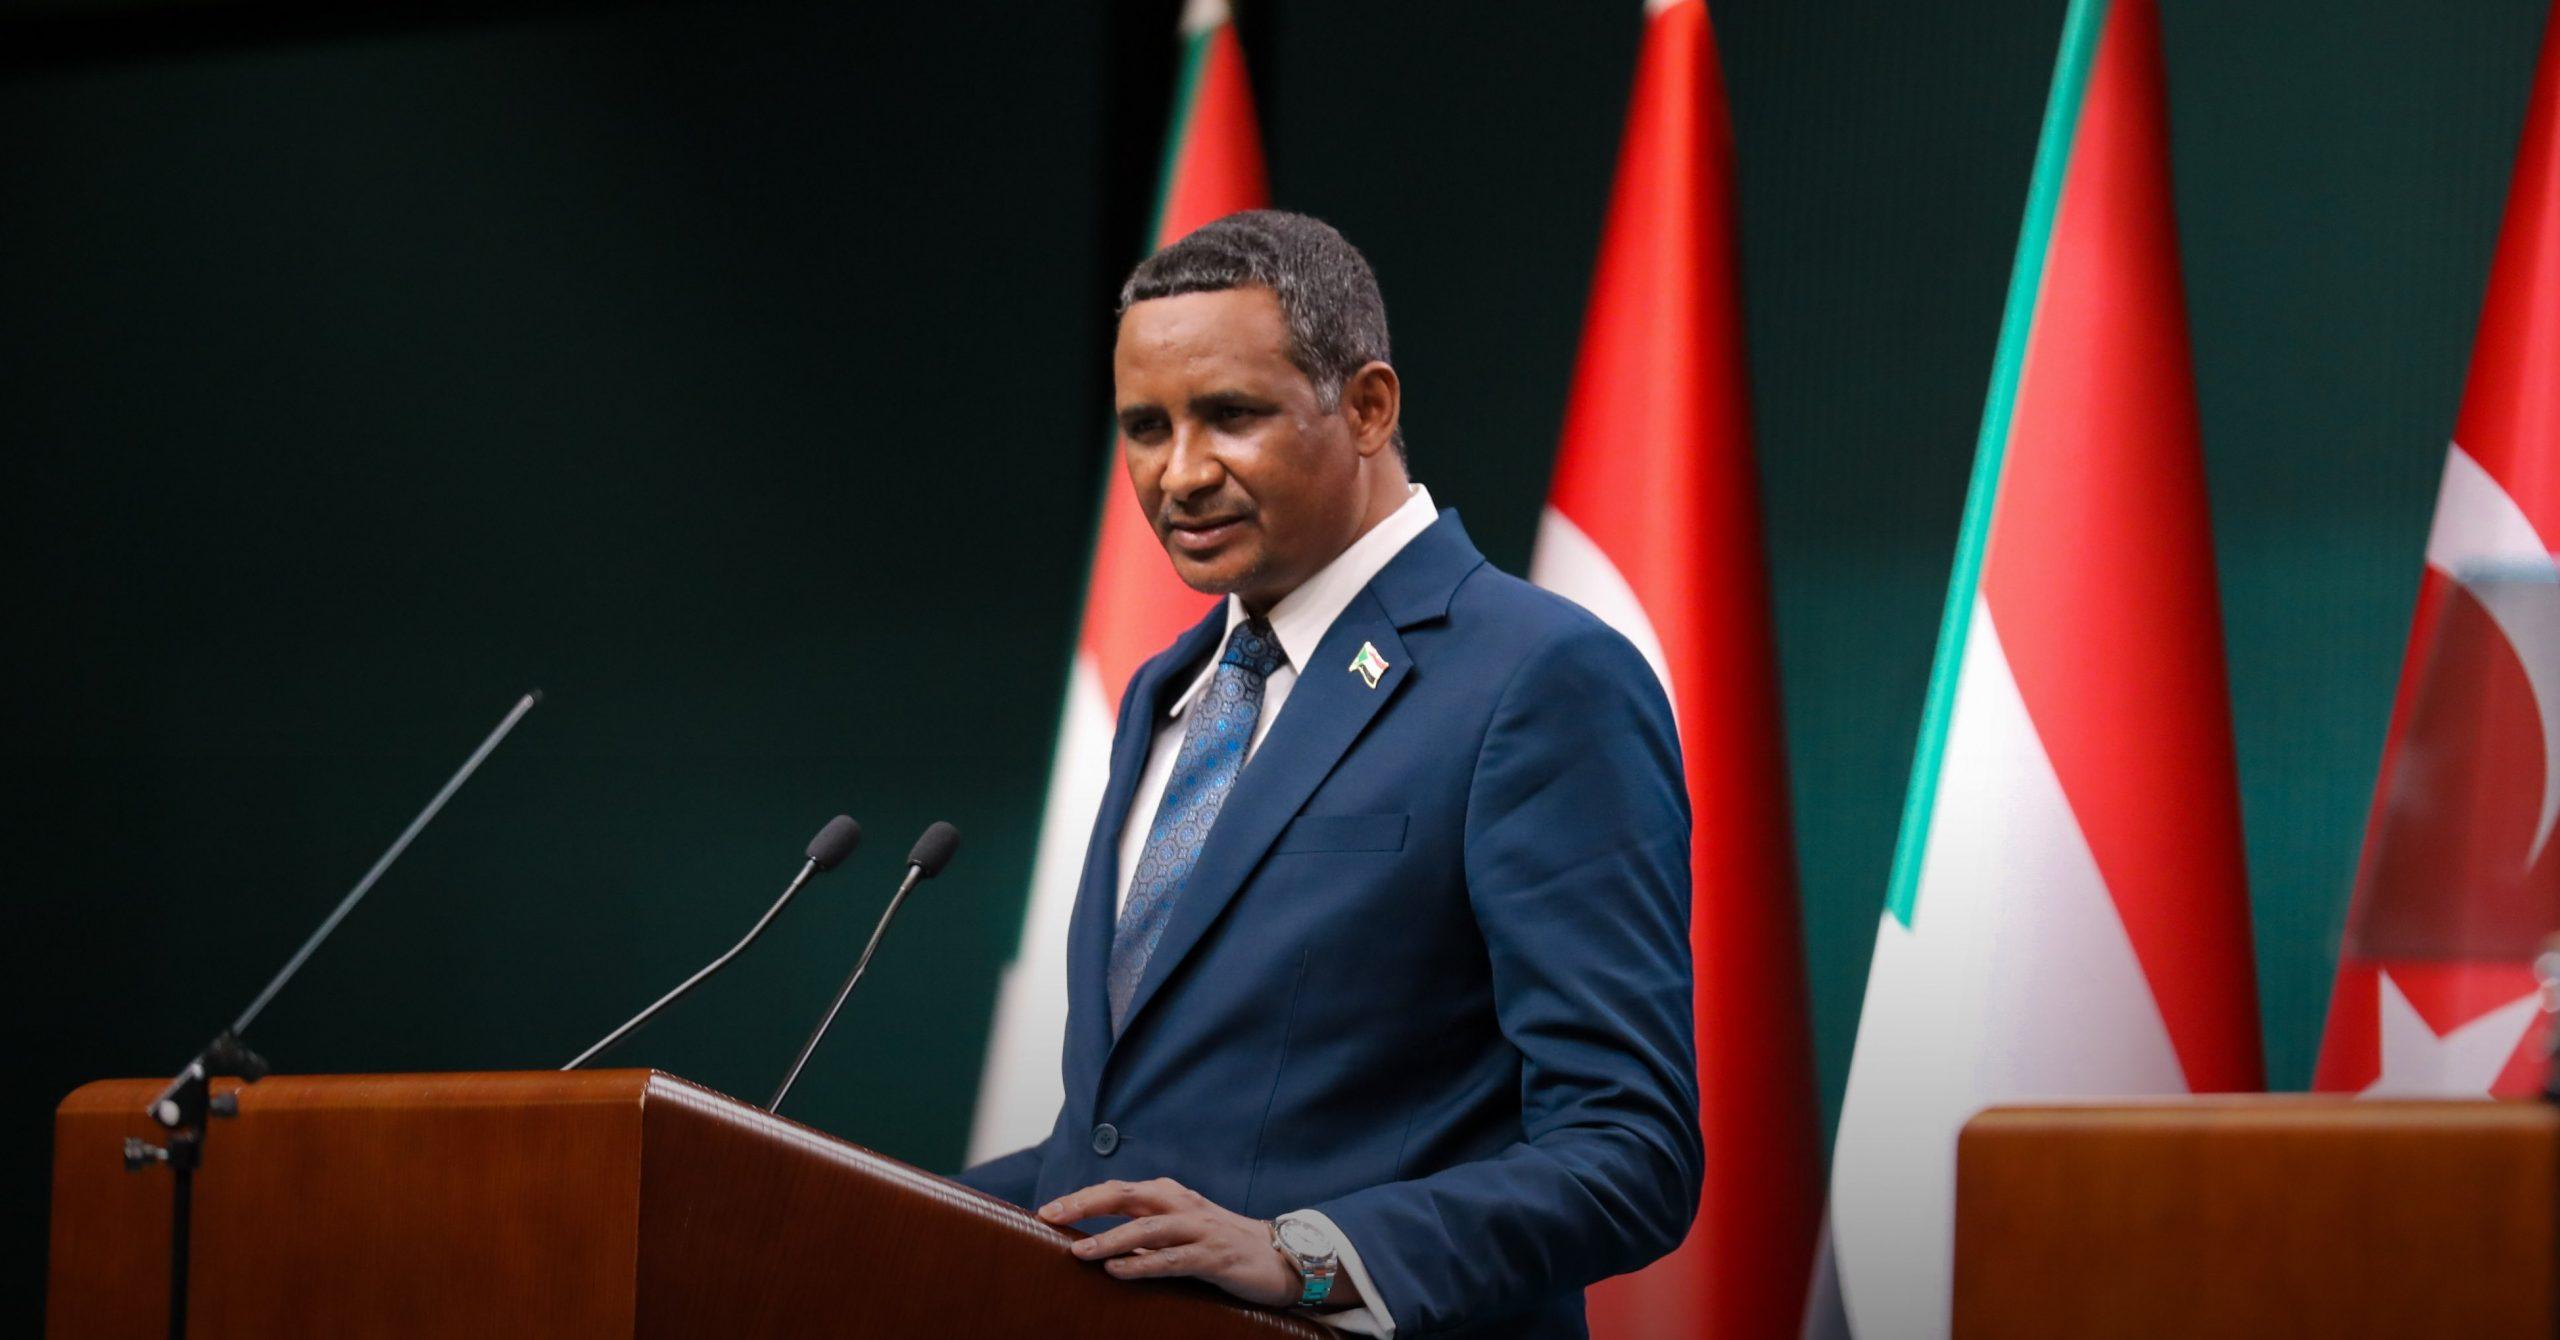 السودان تعيد ترتيب شبكة تحالفاتها الإقليمية والدولية